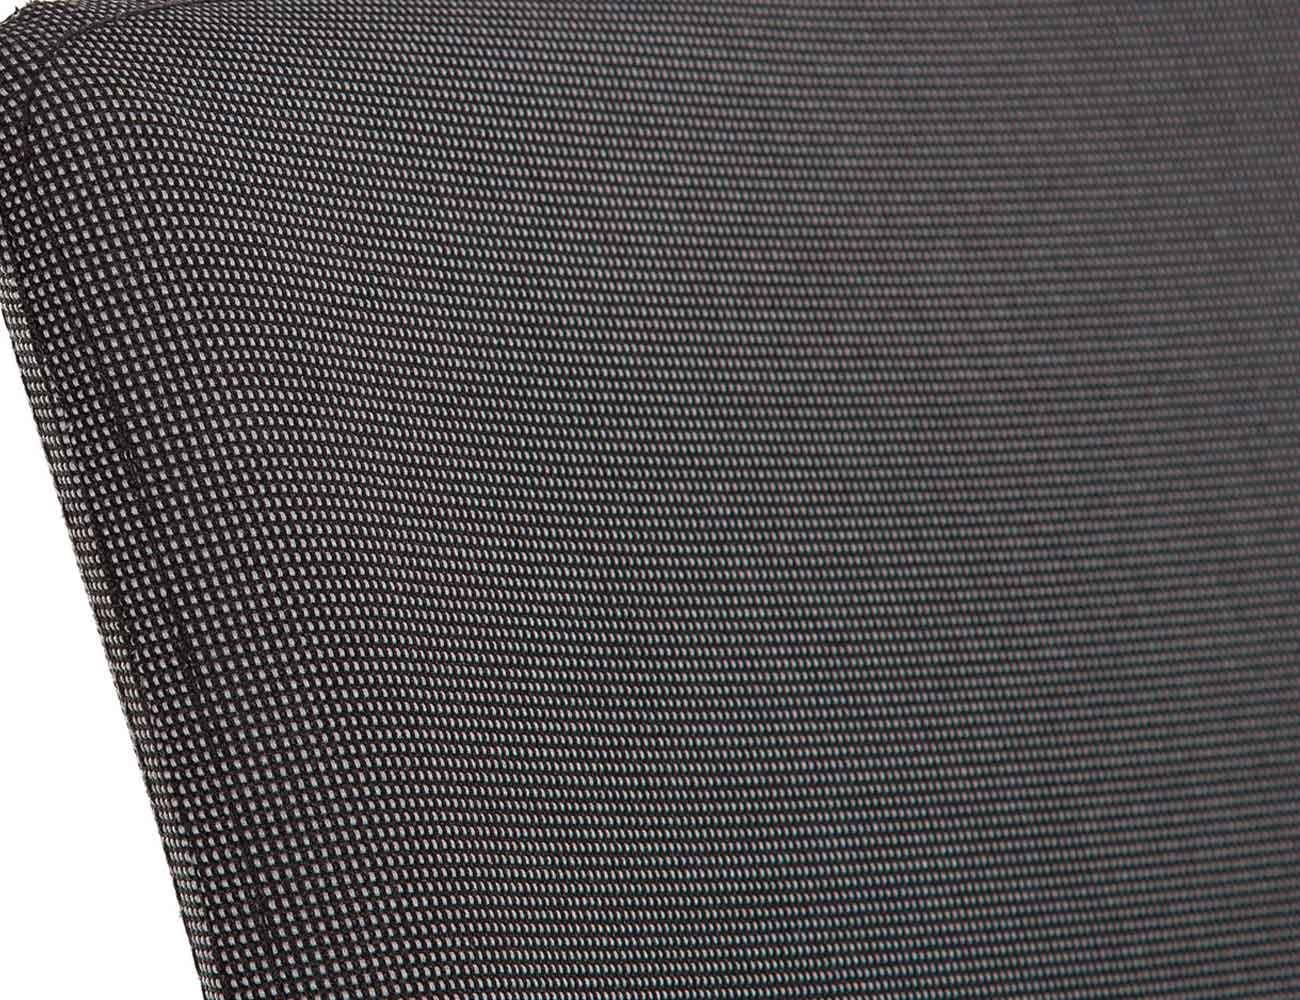 Silla apilable tapizada tela 2